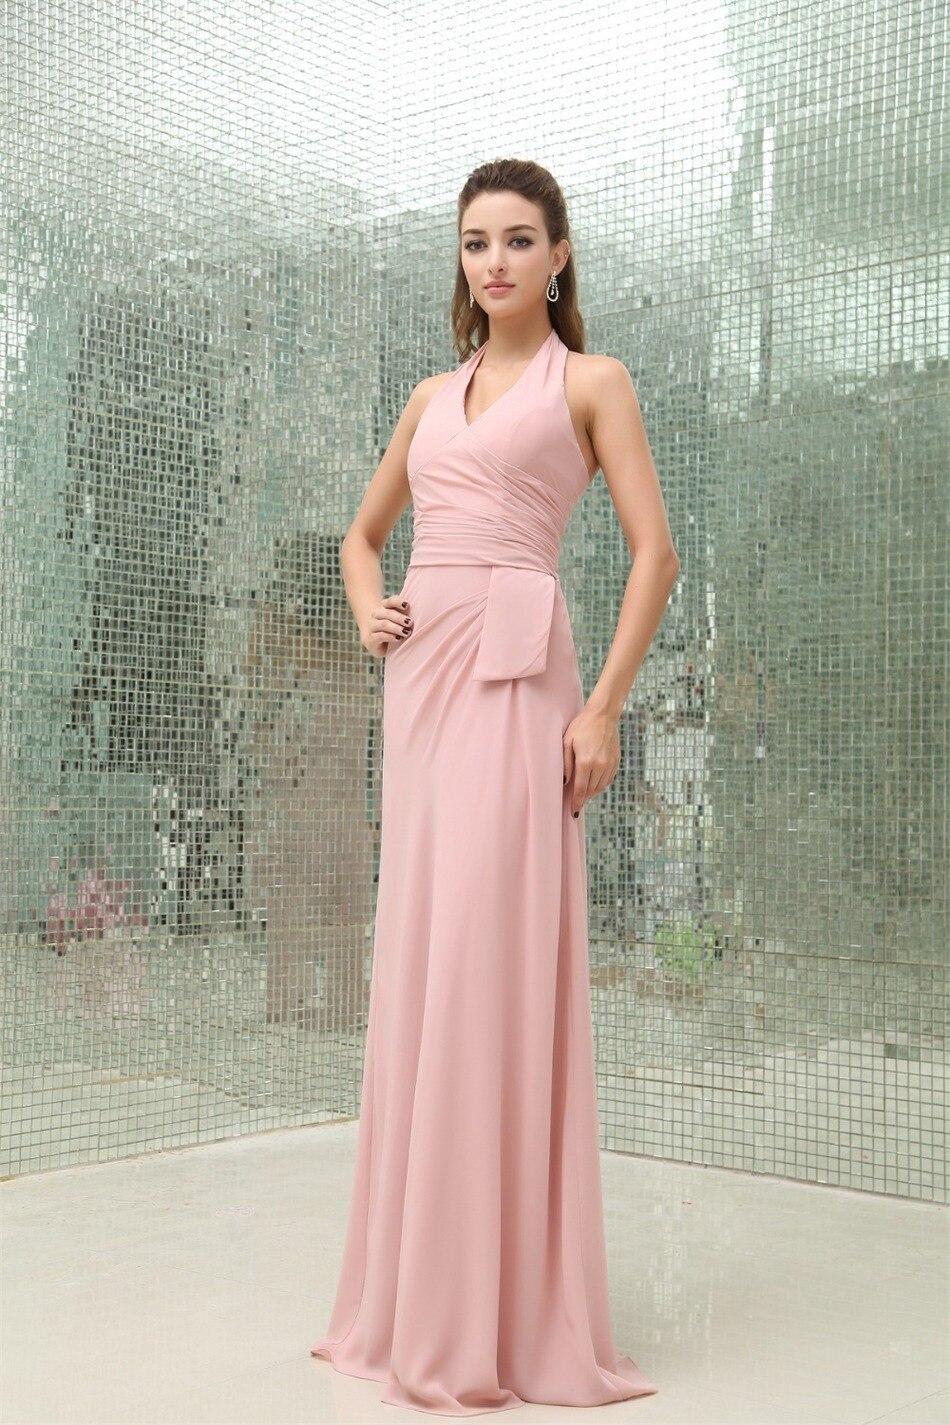 Bonito Vestidos De Dama Corto Blush Composición - Colección de ...